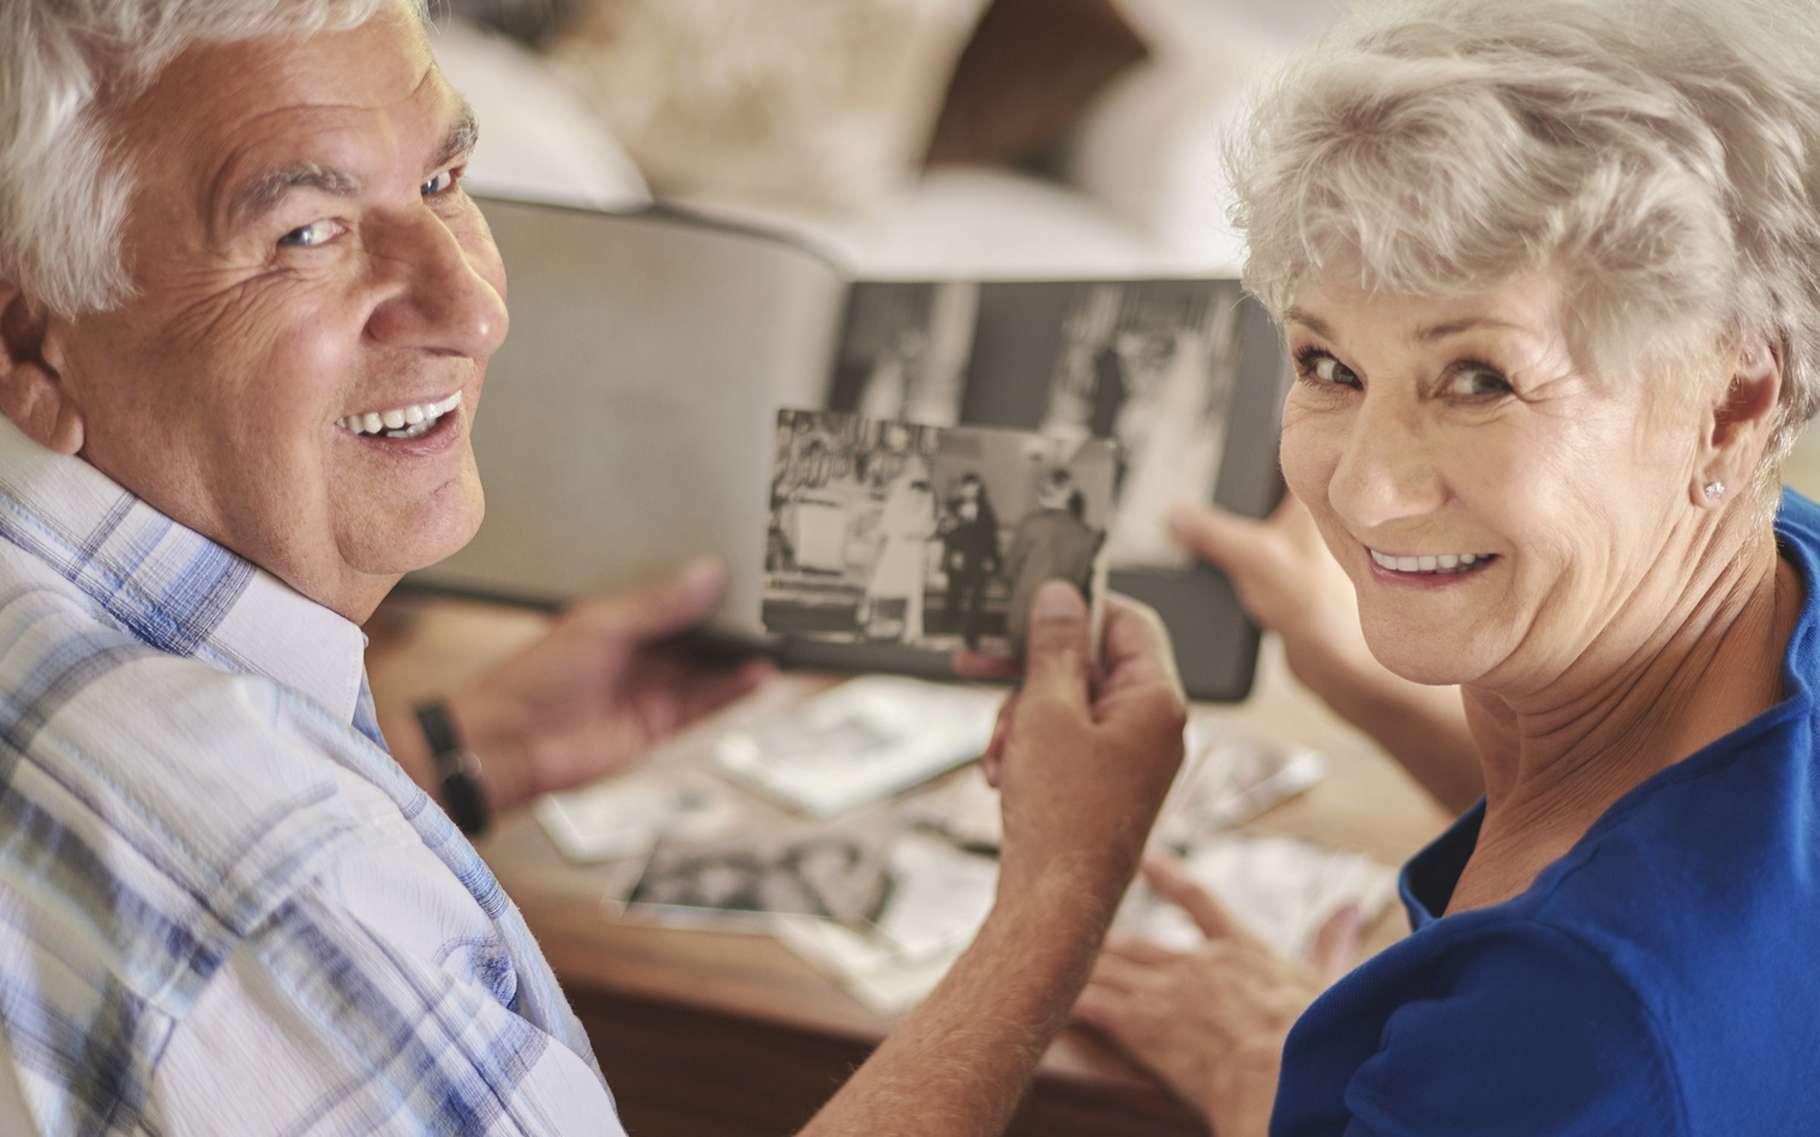 Au cours du vieillissement, la mémoire devient moins efficace. © gpointstudio, Shutterstock